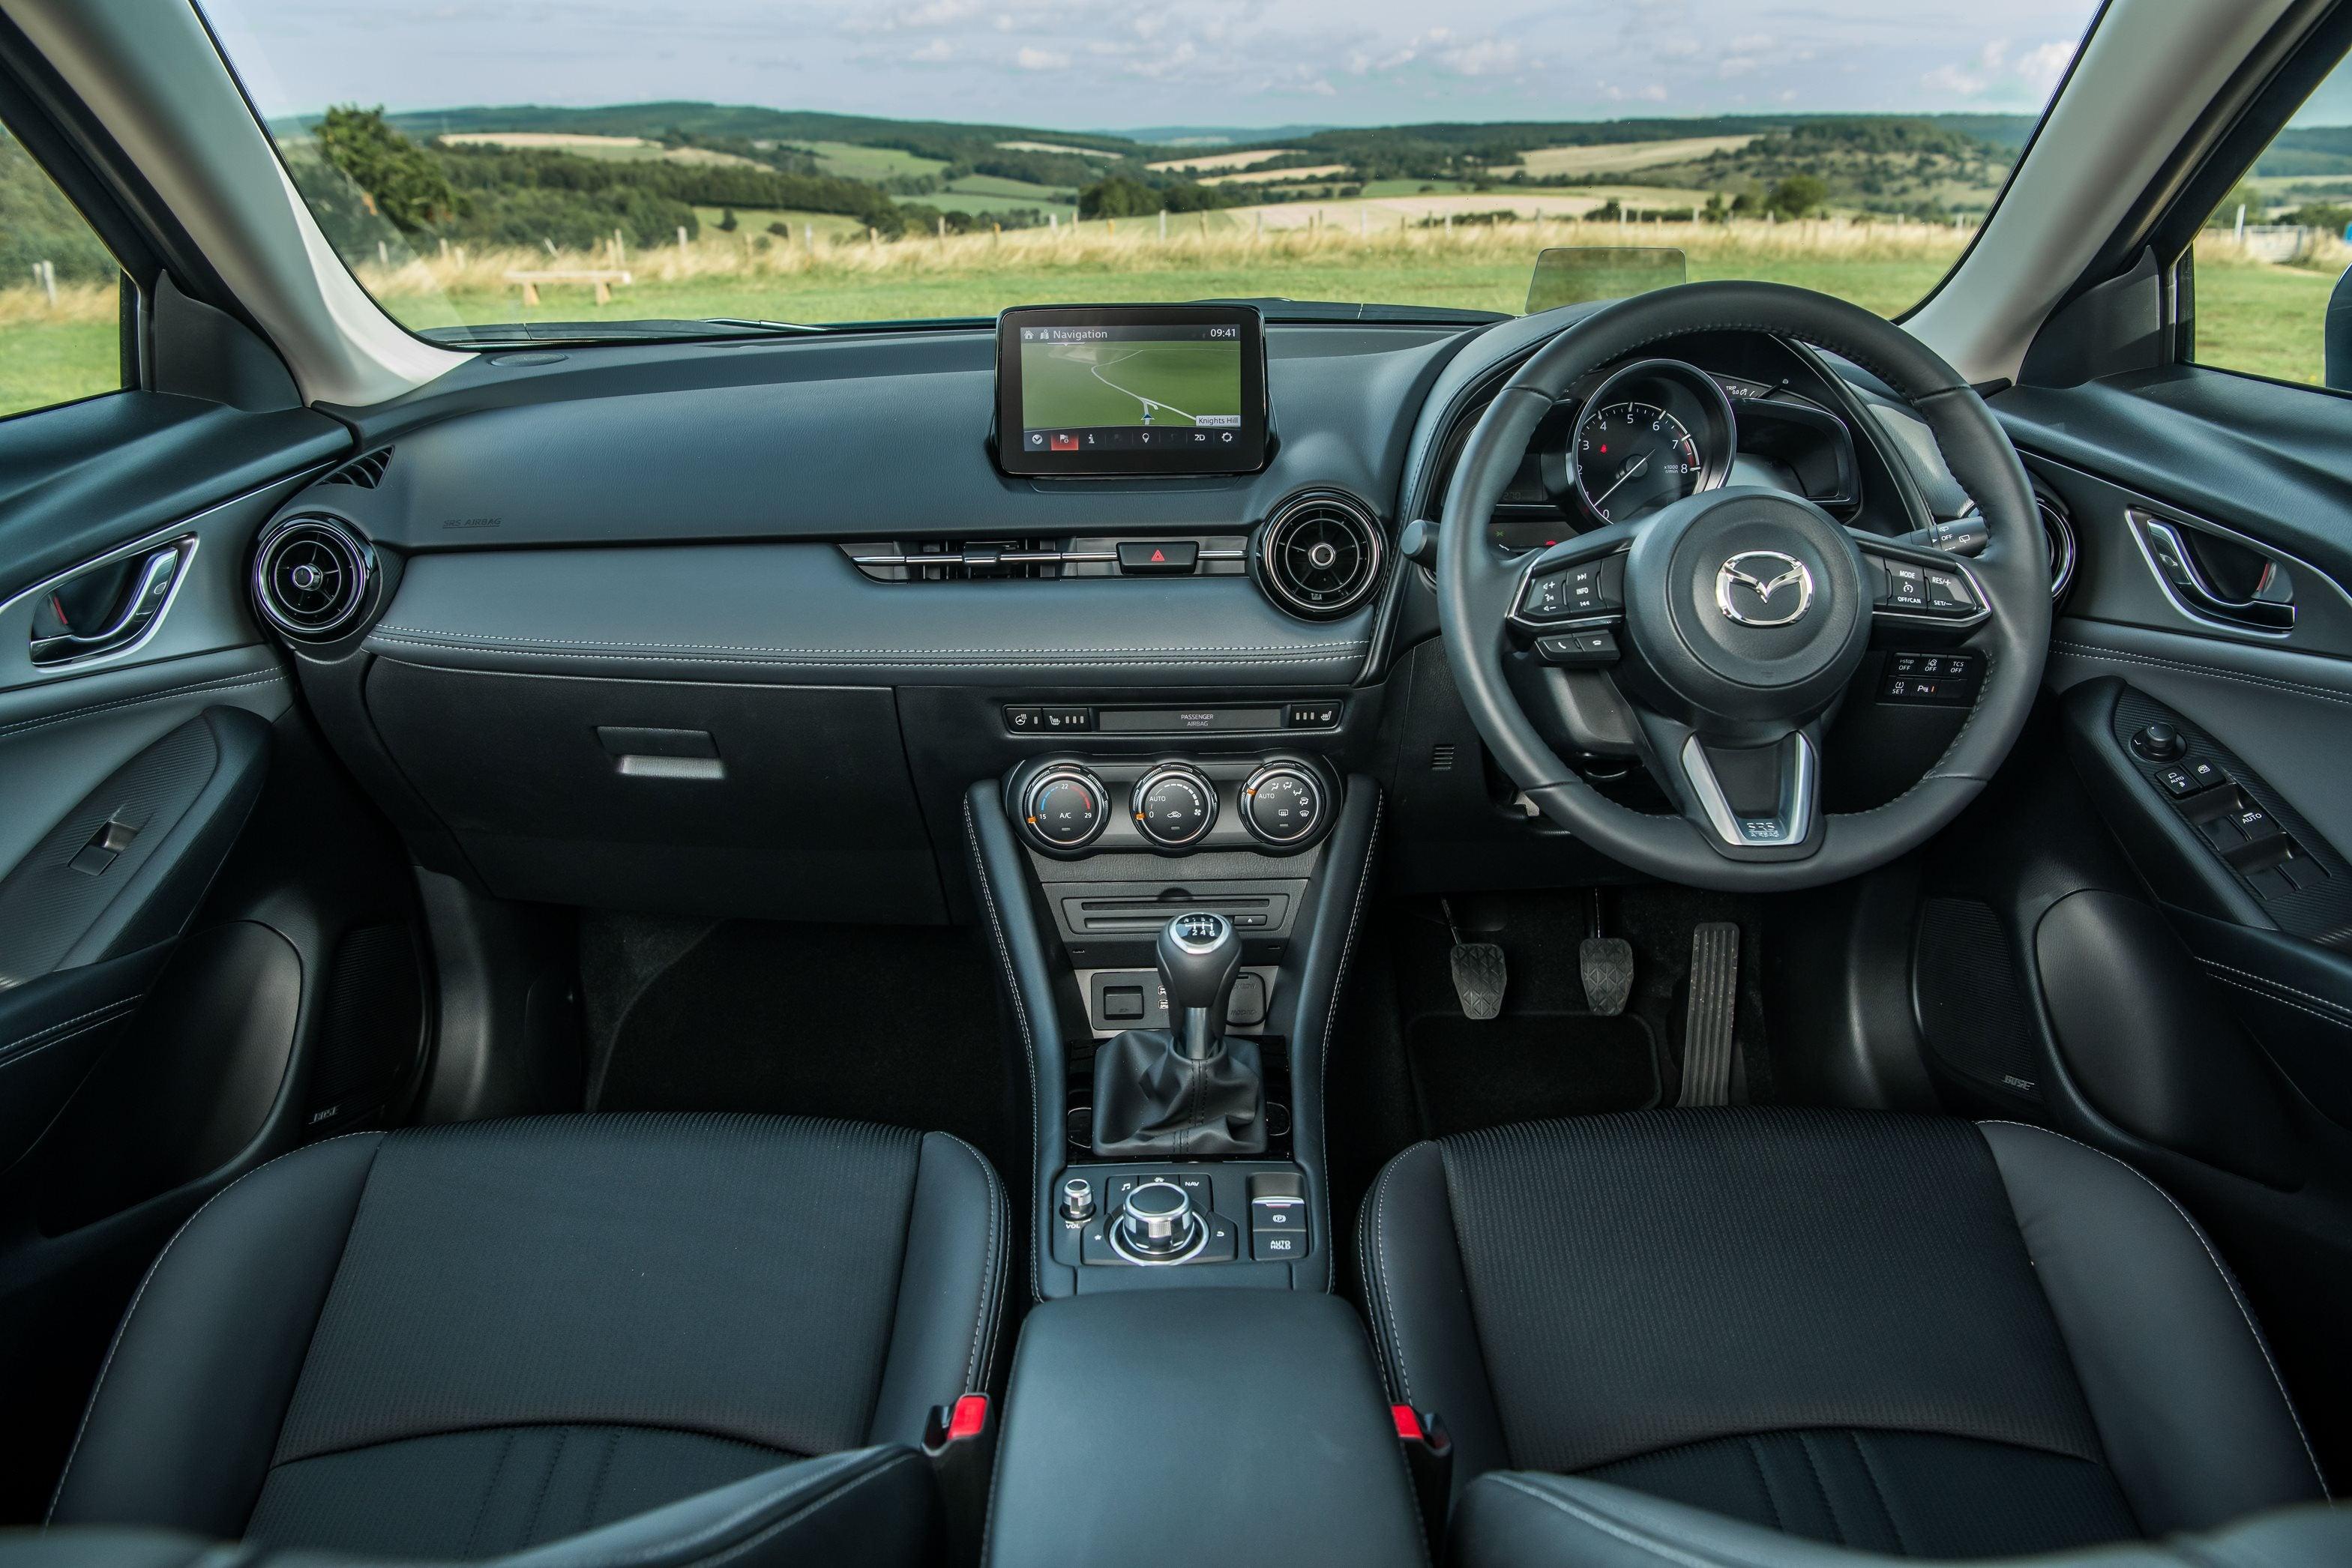 Mazda CX-3 central console